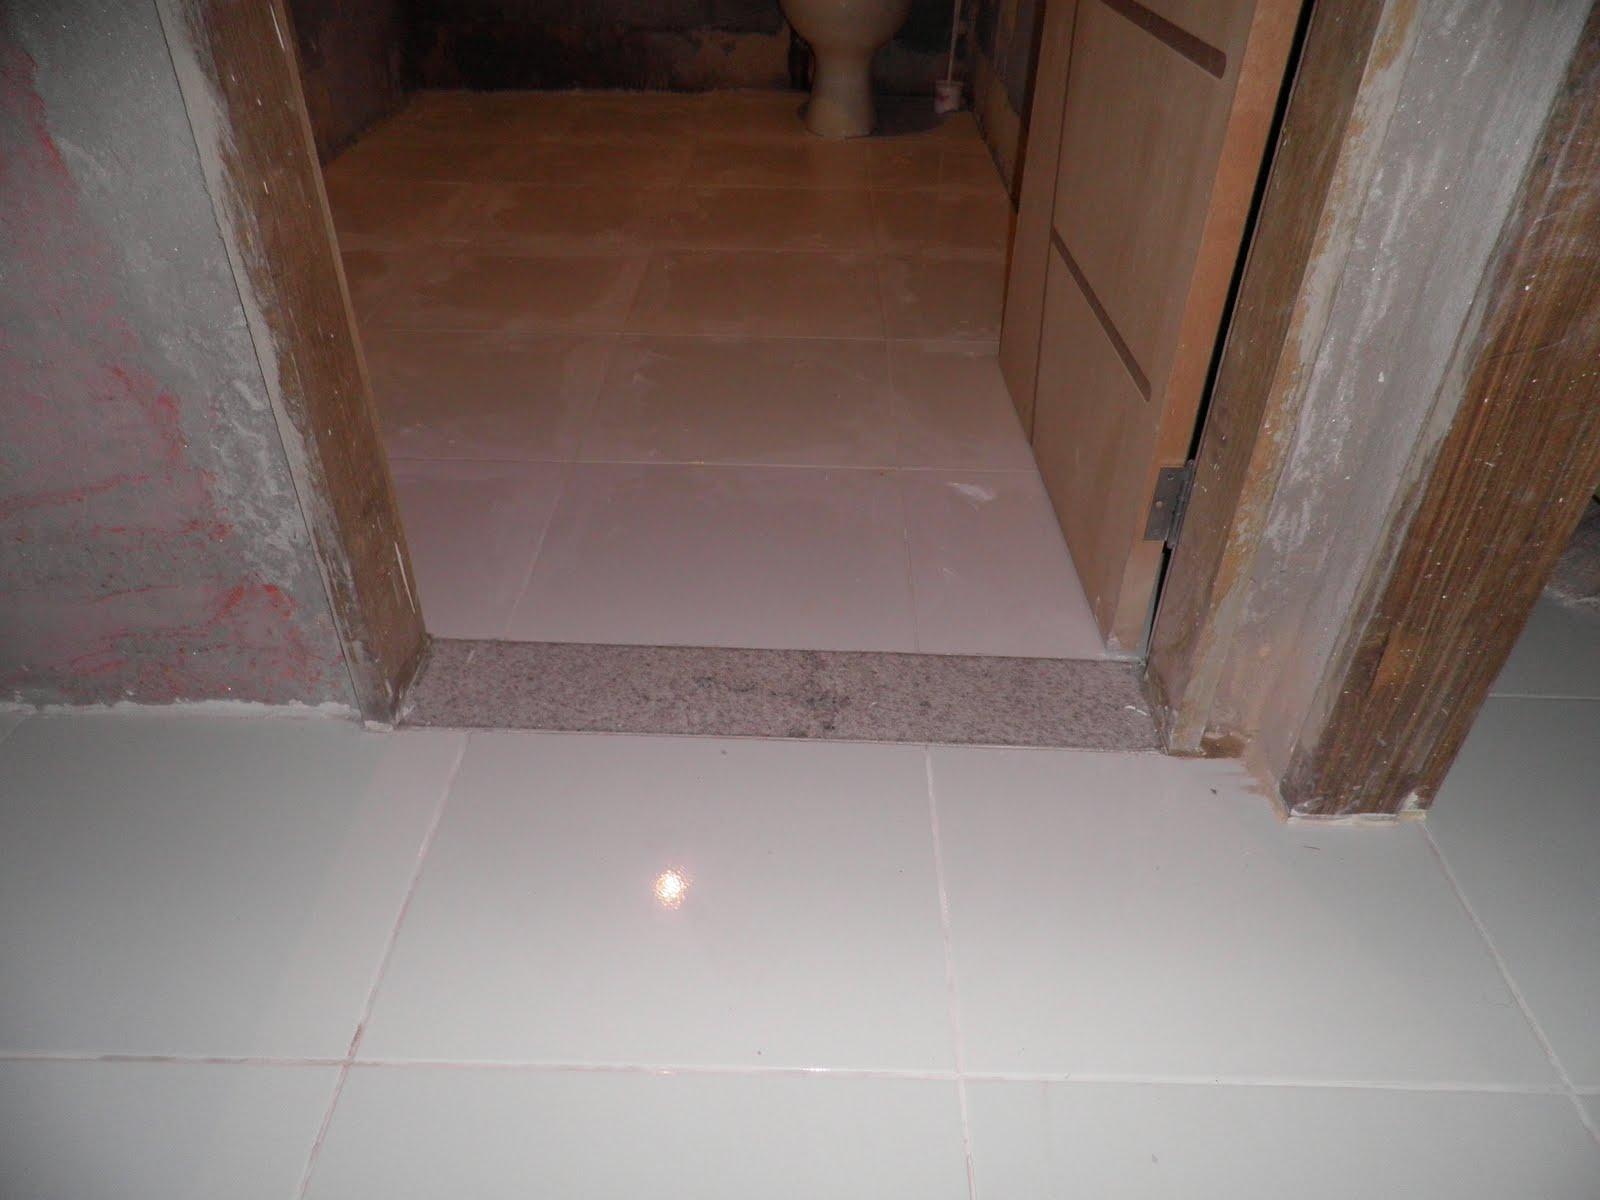 DISTANCIA: Piso da Varanda e Pequenas Mudanças no Banheiro #3C281F 1600x1200 Banheiro Branco Siena